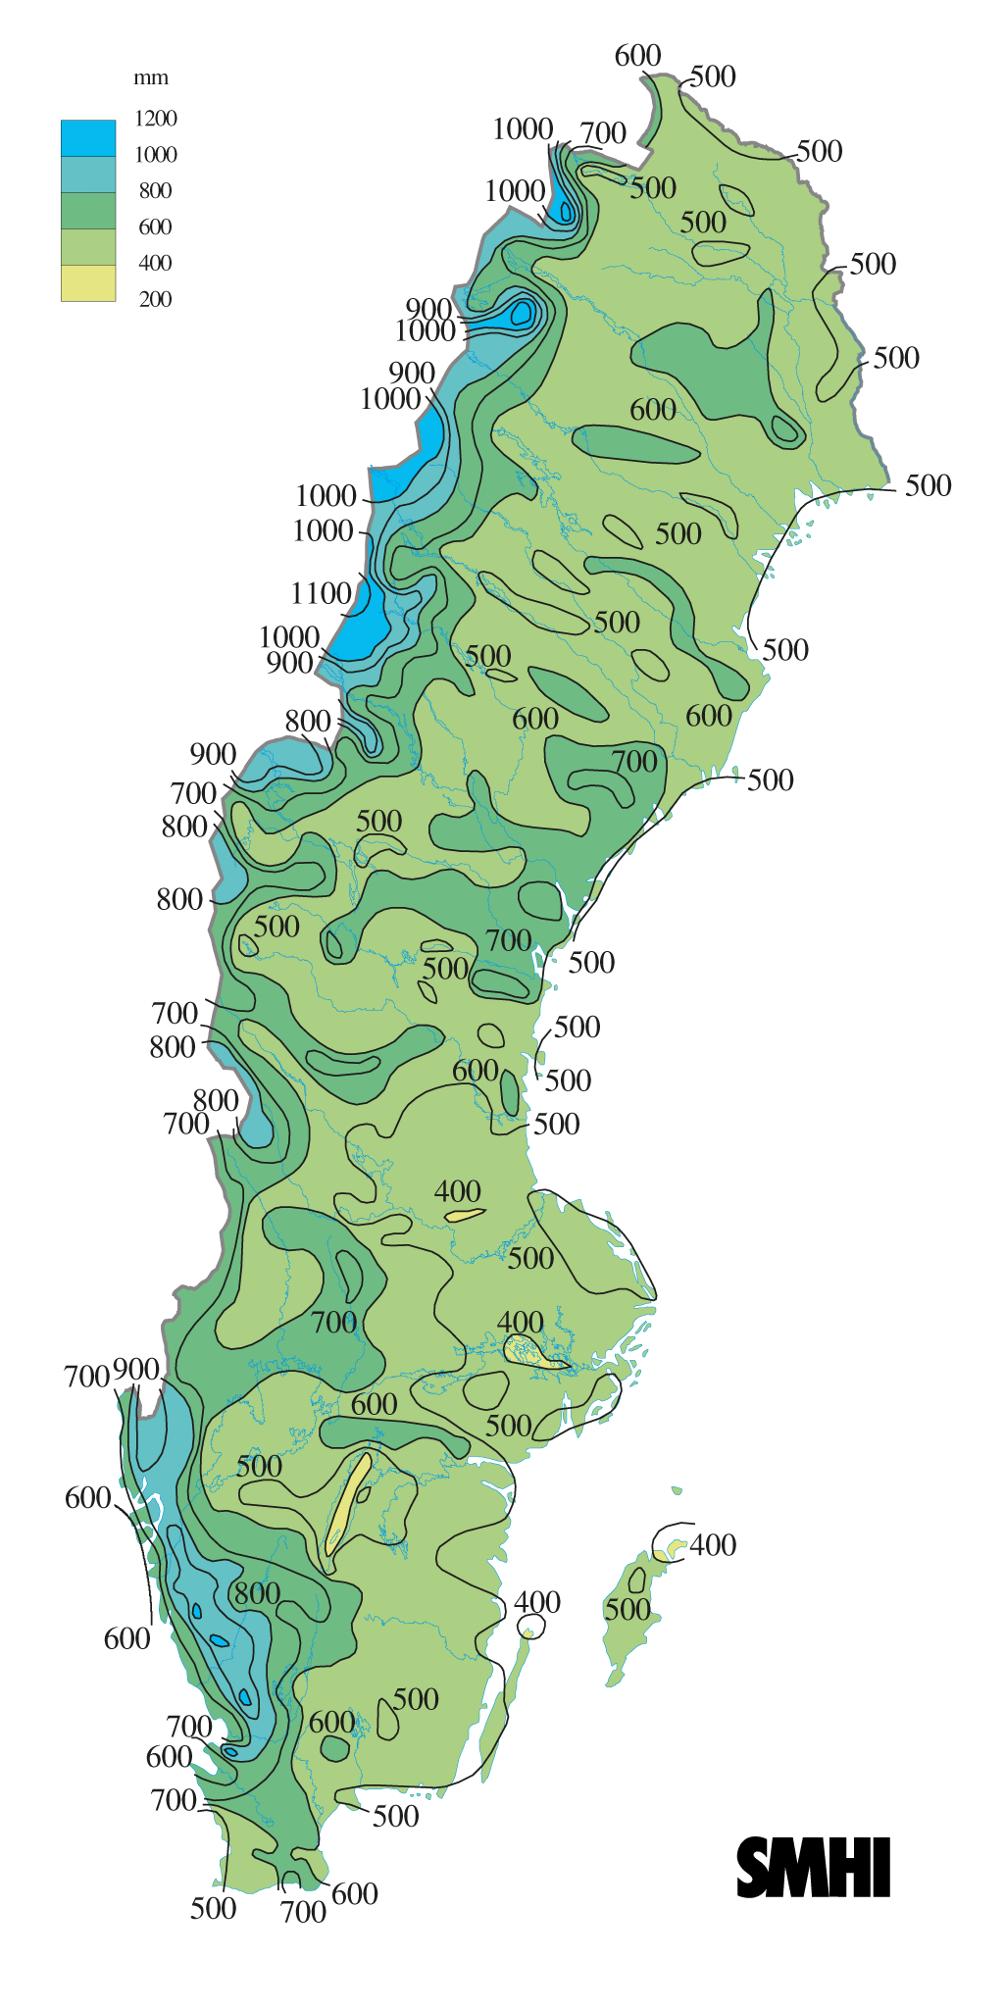 höjd över havet karta sverige Väder och klimat   Skolbok höjd över havet karta sverige